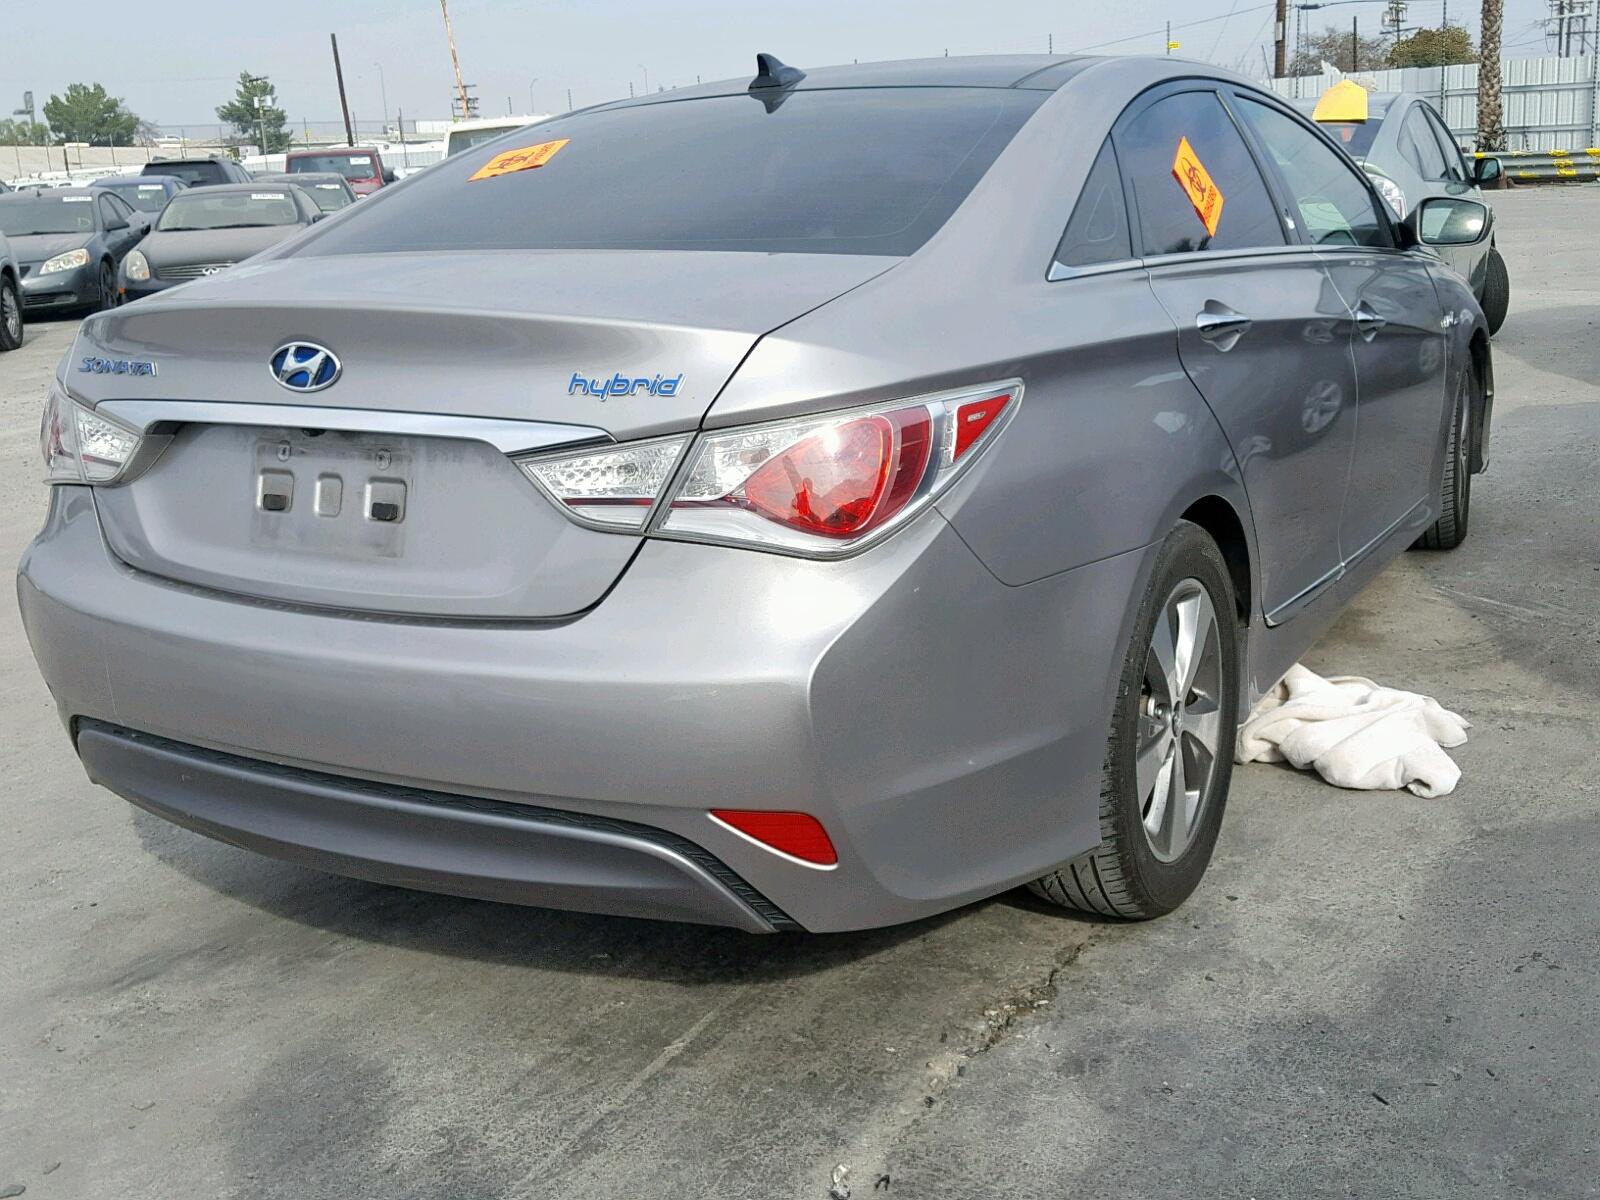 2012 Hyundai Sonata Hyb 2.4L rear view